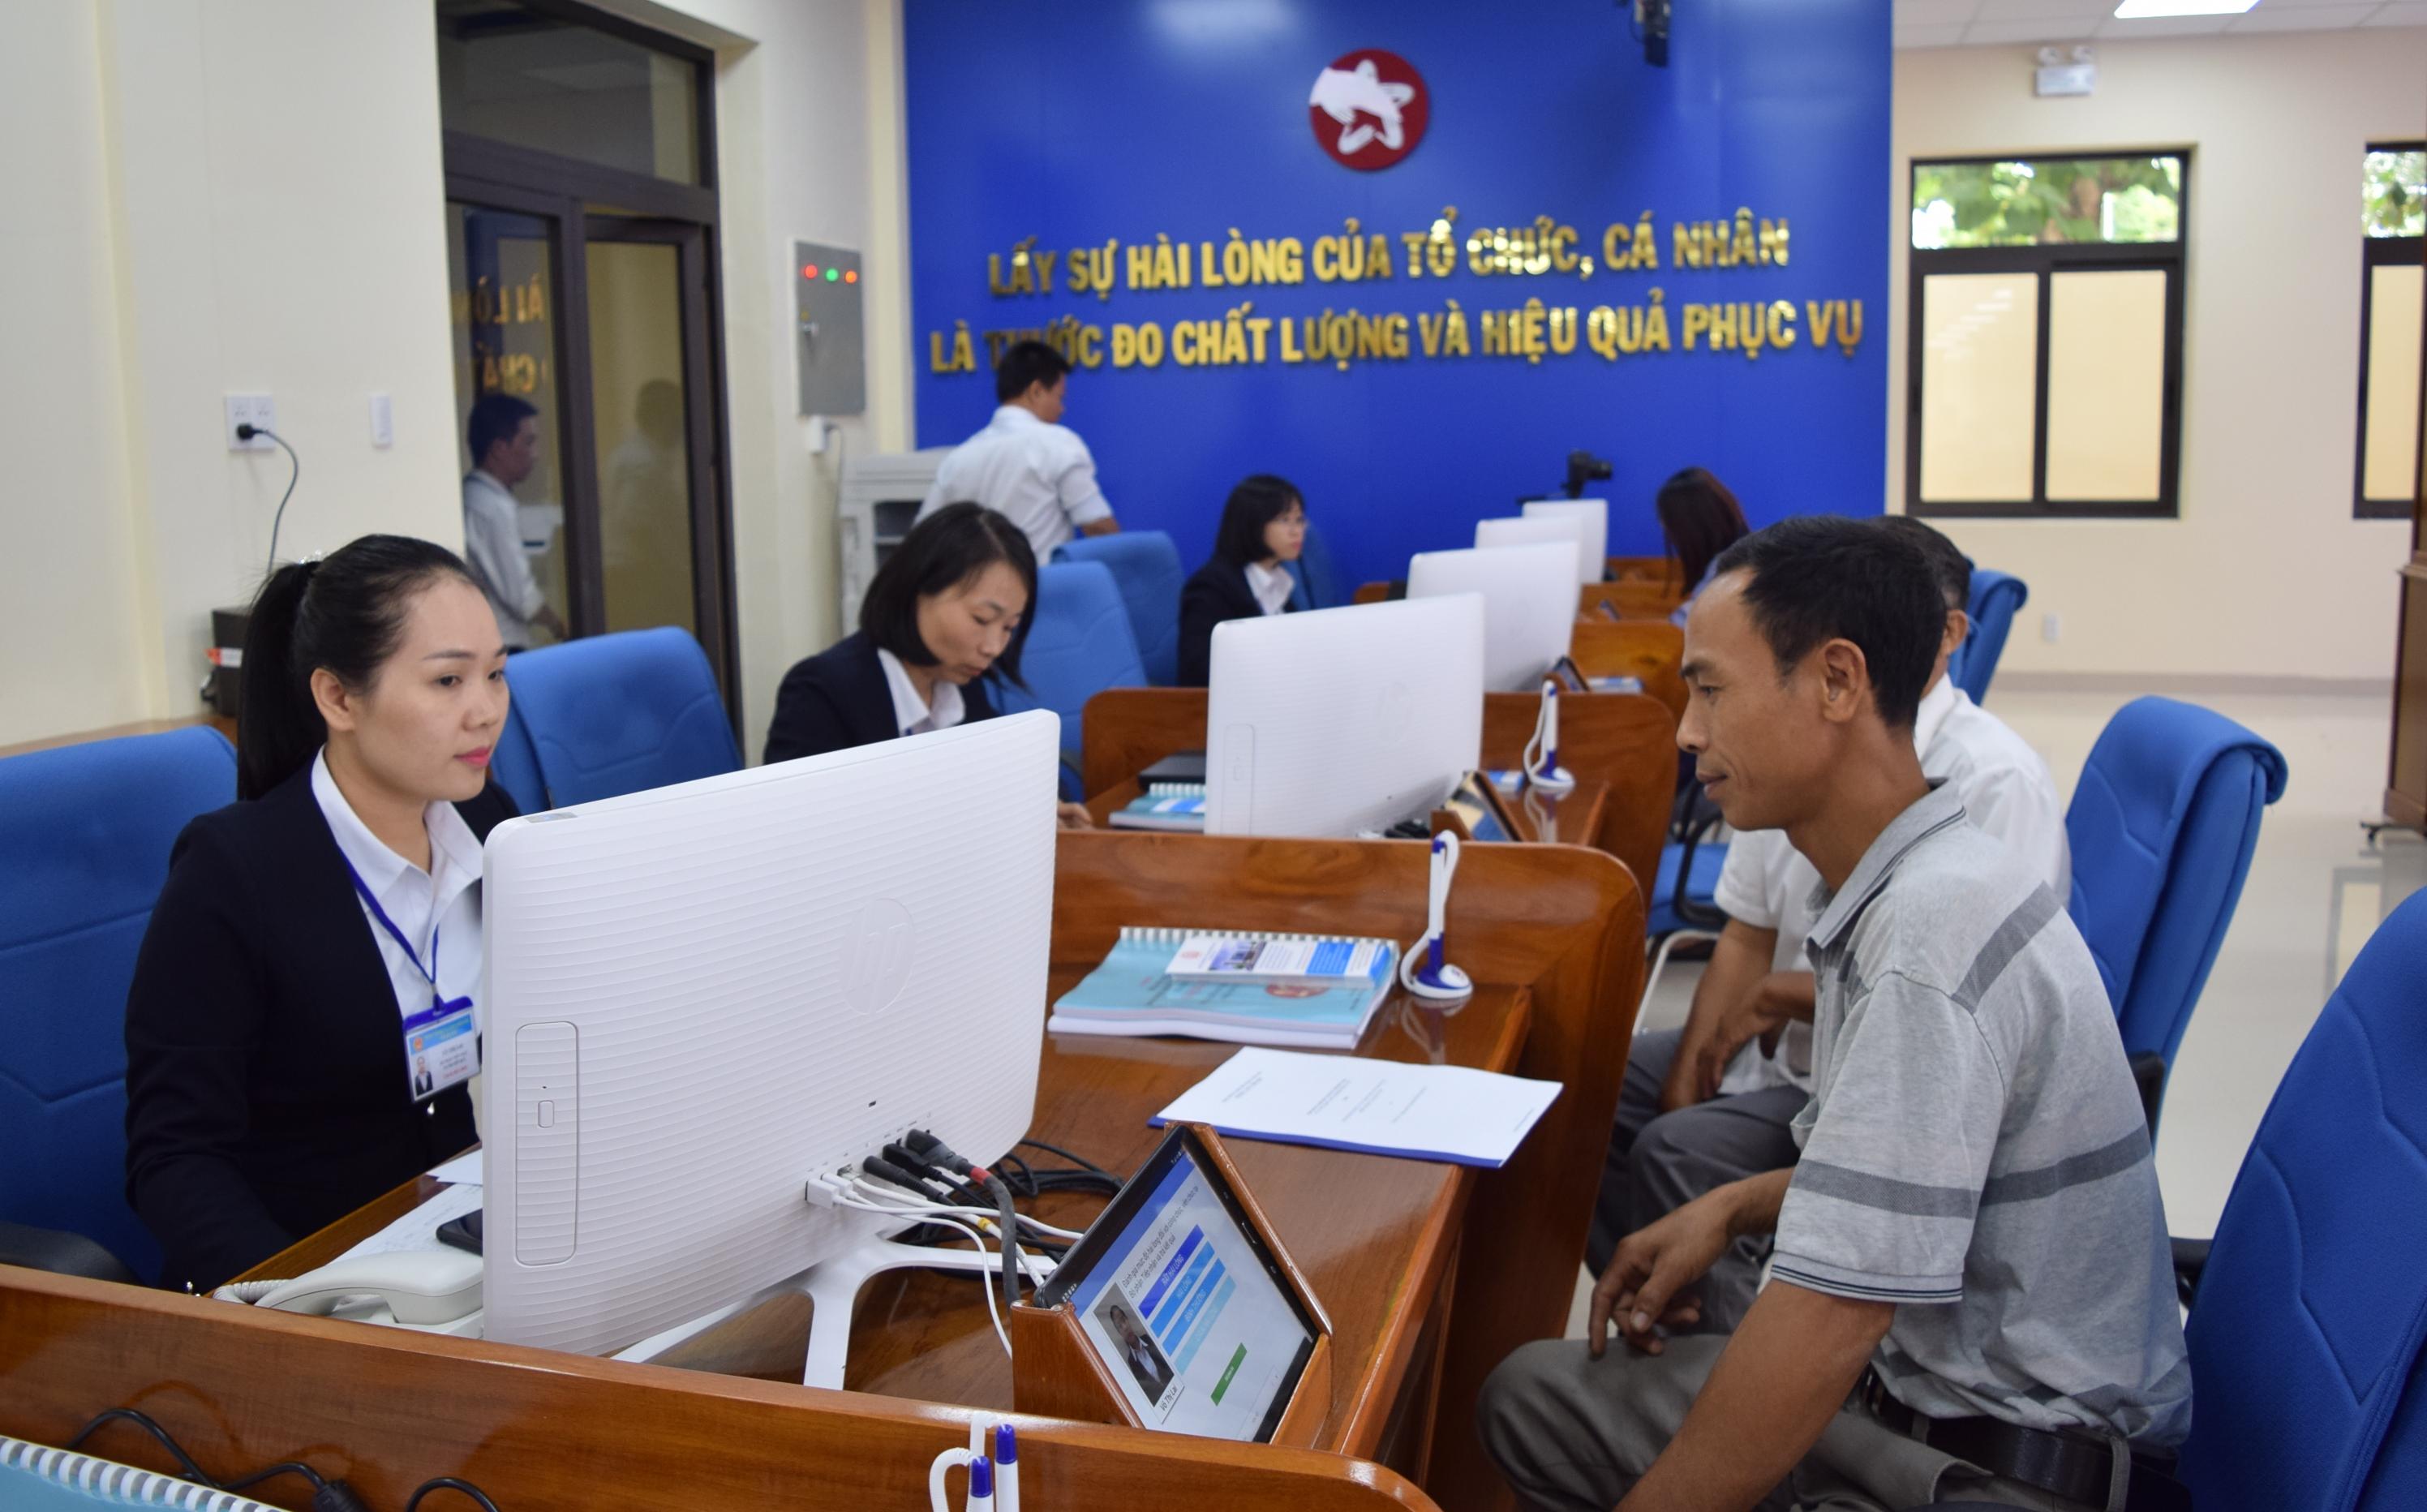 Tiếp tục rà soát TTHC đăng ký trực tuyến mức độ 3,4 trên địa bàn tỉnh